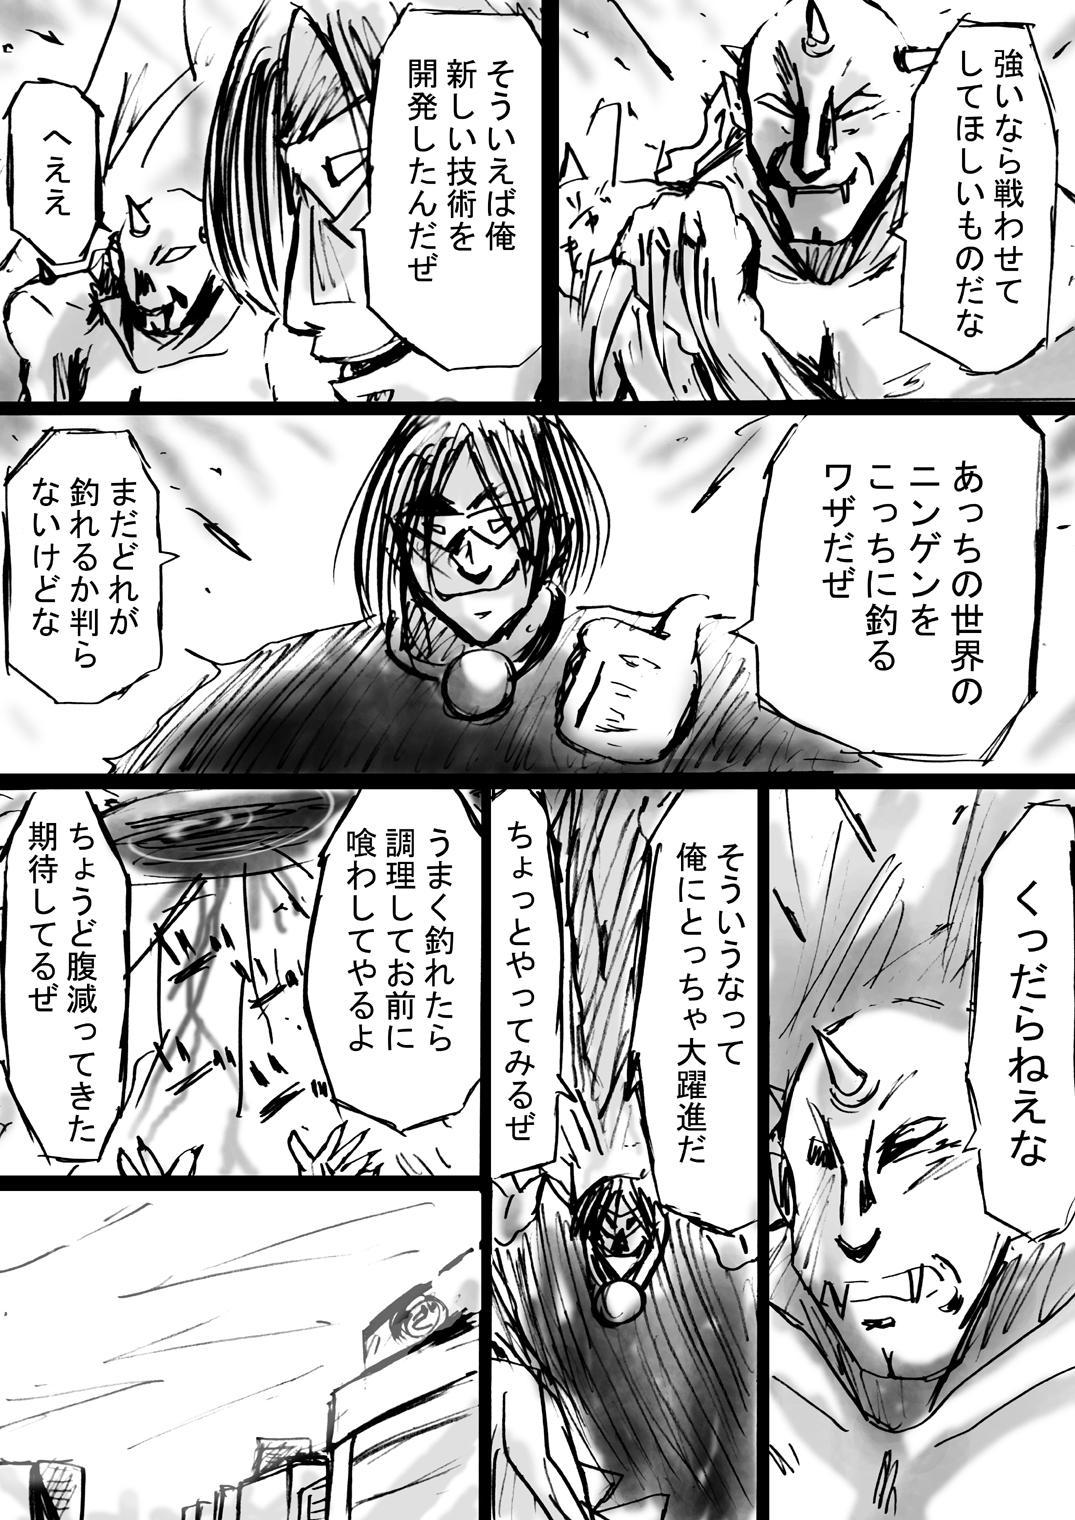 [Dende] Fushigi Sekai -Mystery World- Nonoha 5 ~Jokuma no Kyouniku no Tainai Shinshoku~ 16